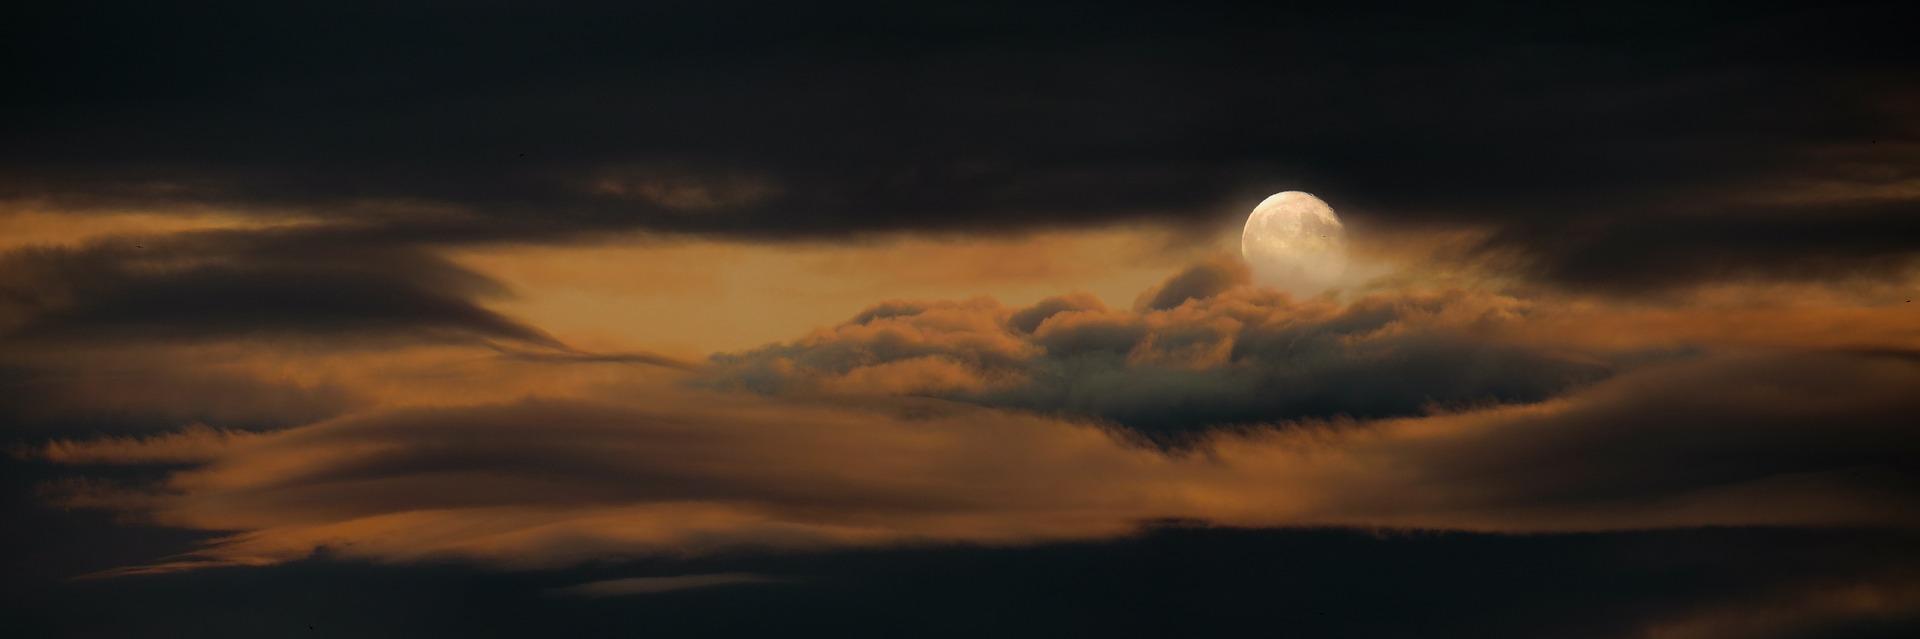 Lumieres de lune sandrine fleur b 02